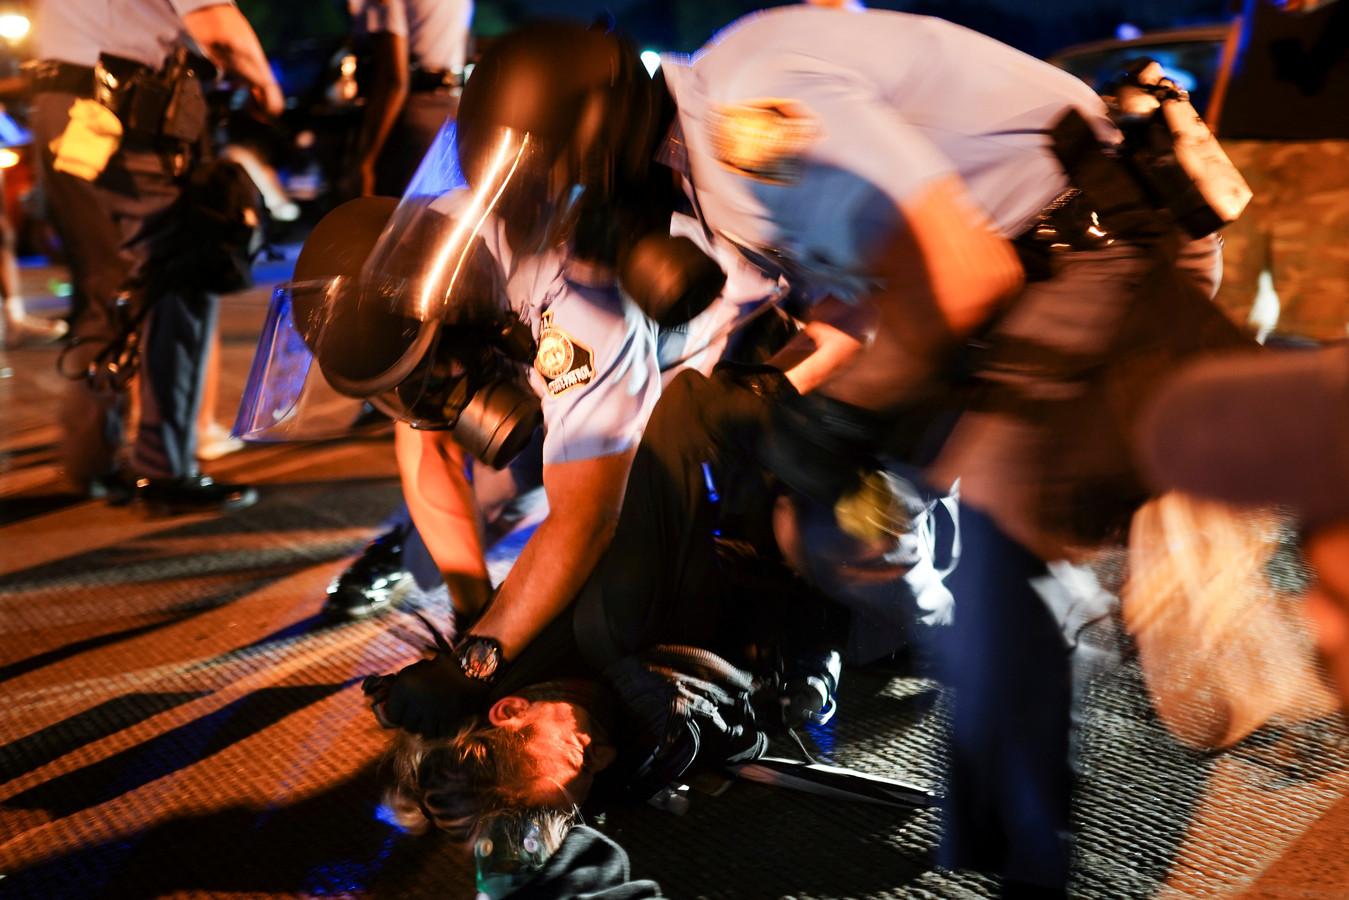 De man die vrijdagavond overleed, de 27-jarige Rayshard Brooks, verzette zich tijdens zijn arrestatie die volgde na een alcoholtest waaruit bleek dat hij te veel had gedronken.